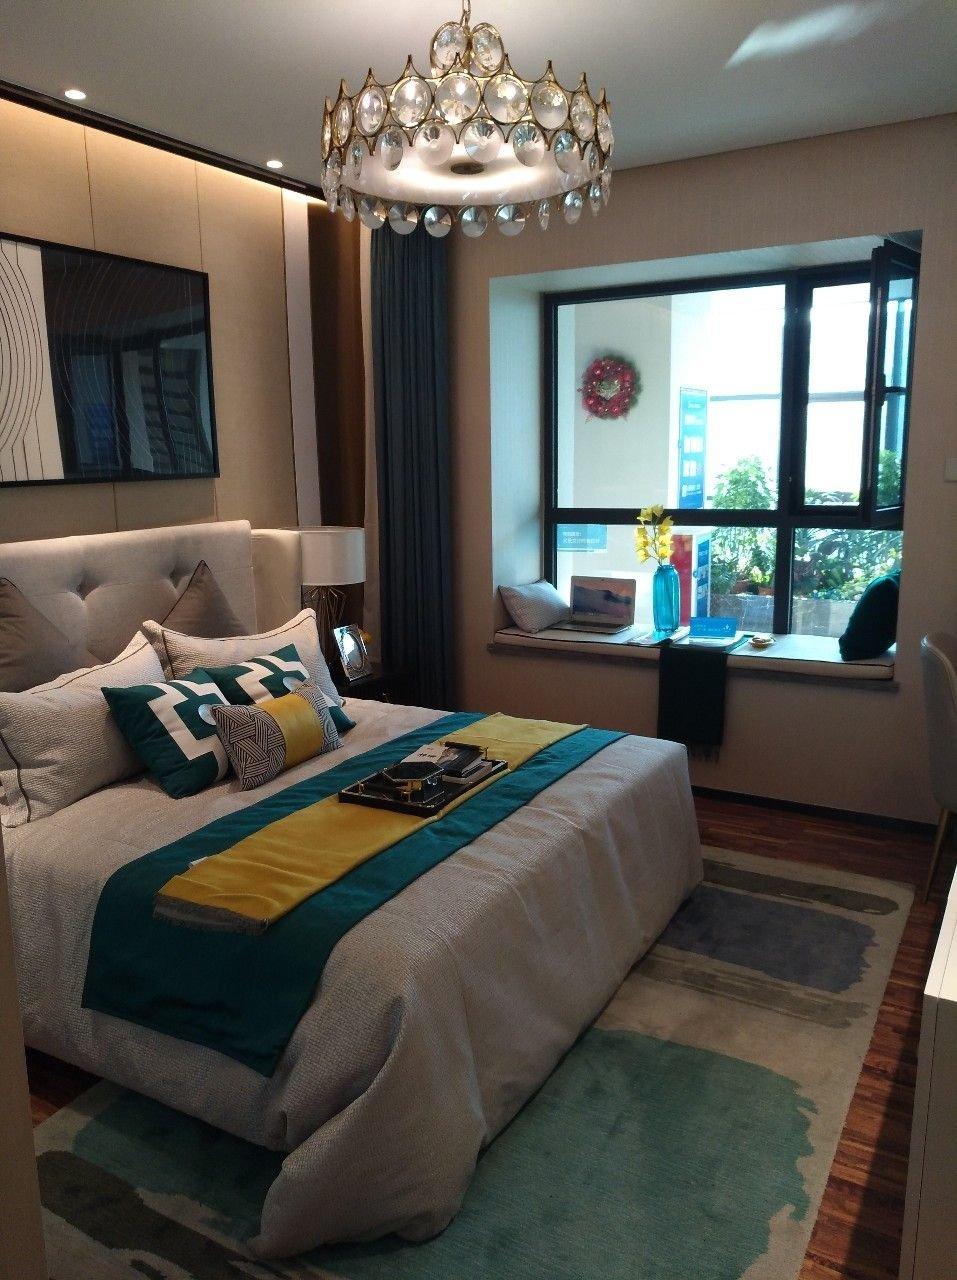 龙华苑(龙华苑)2室2厅1卫108万元